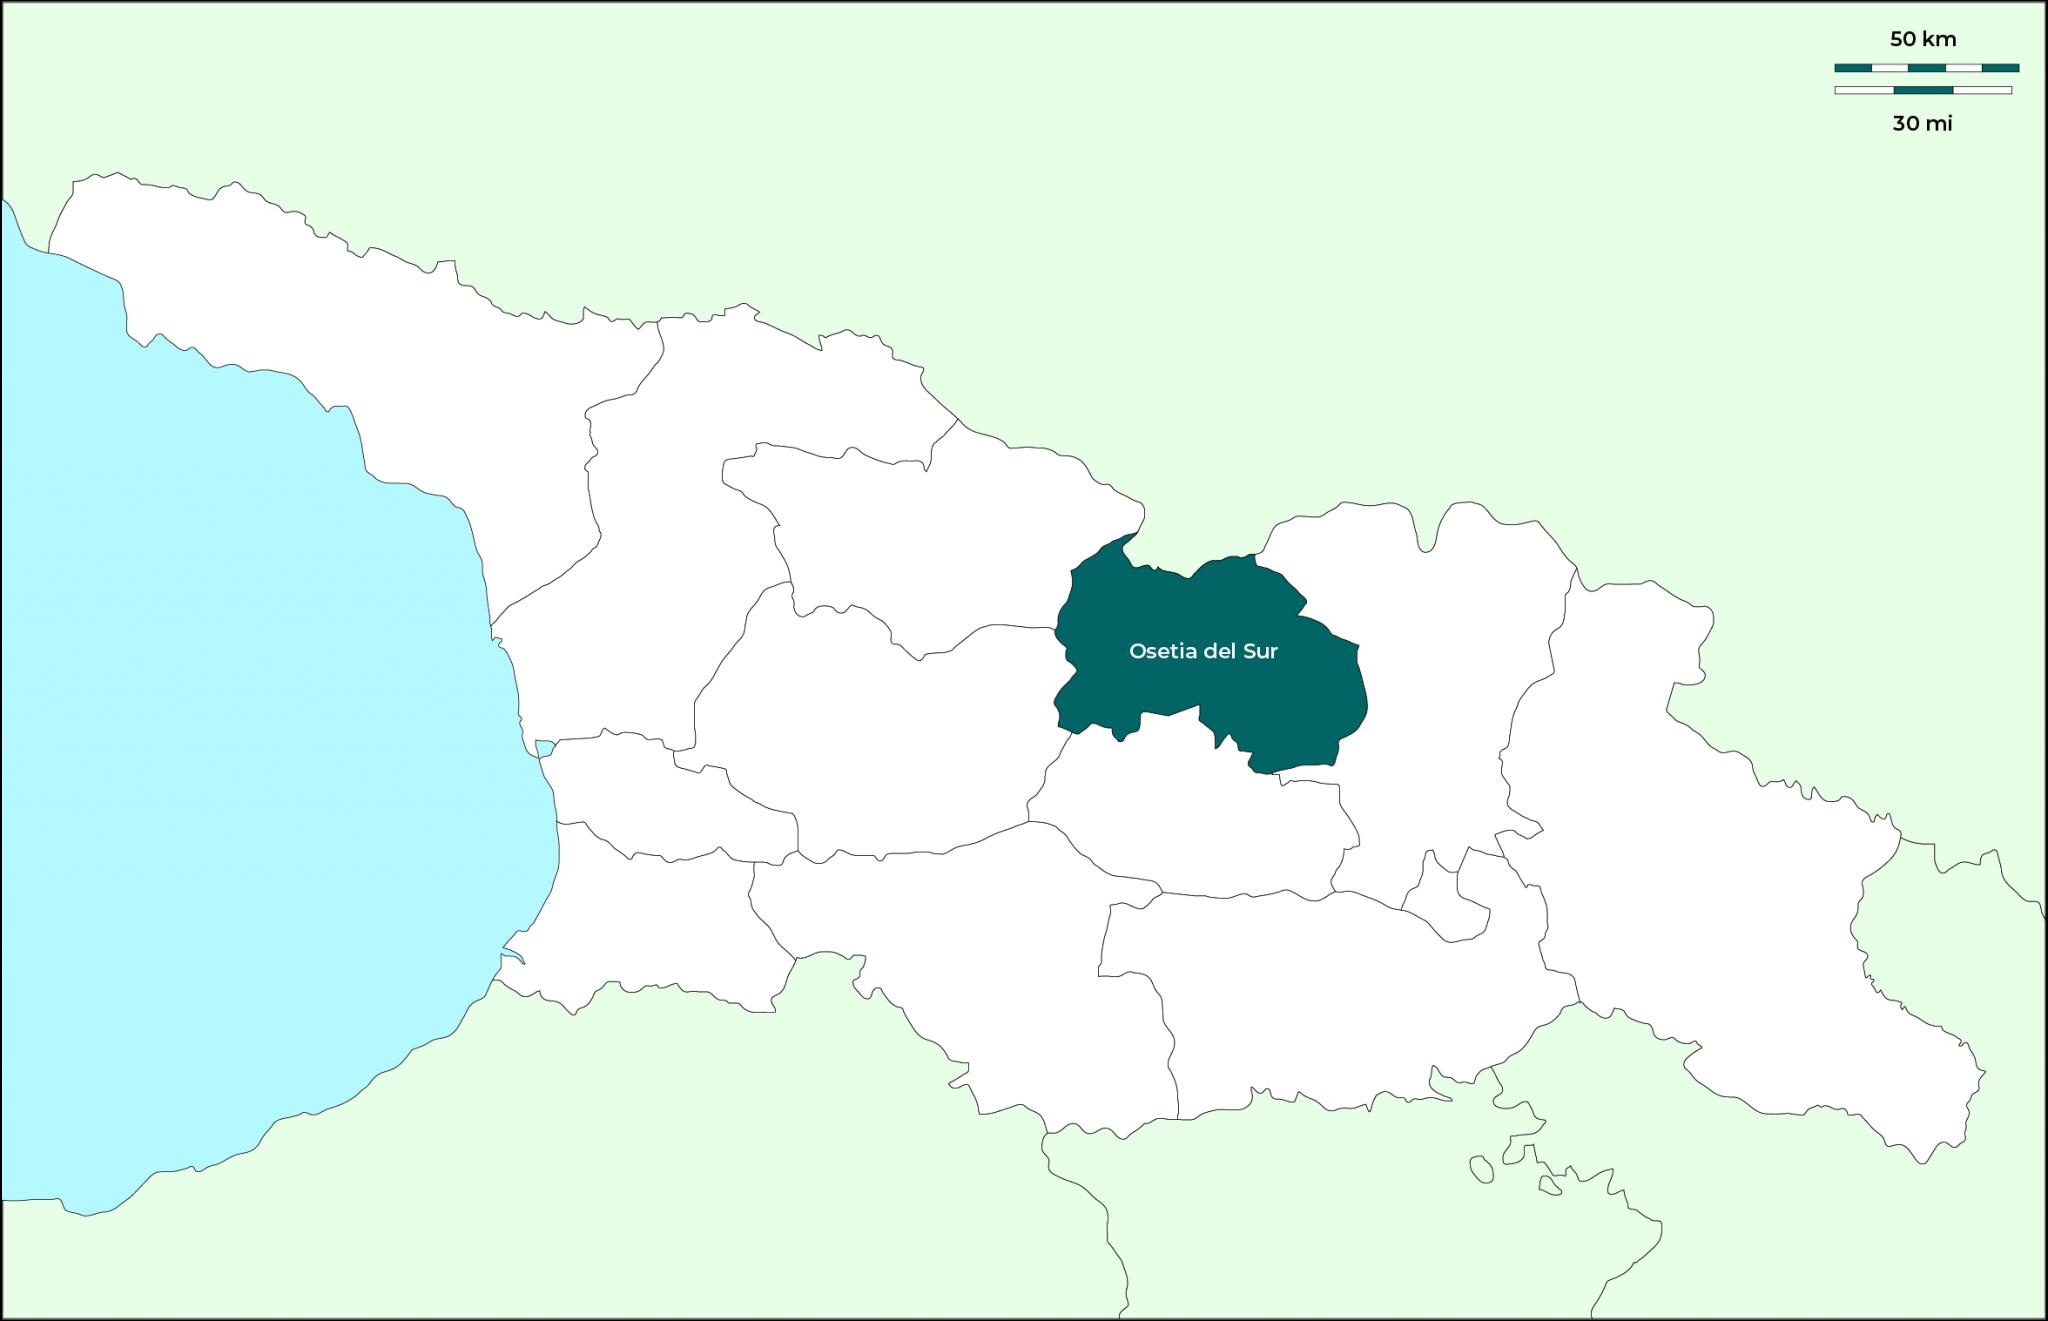 Región de Osetia del Sur: Mapa